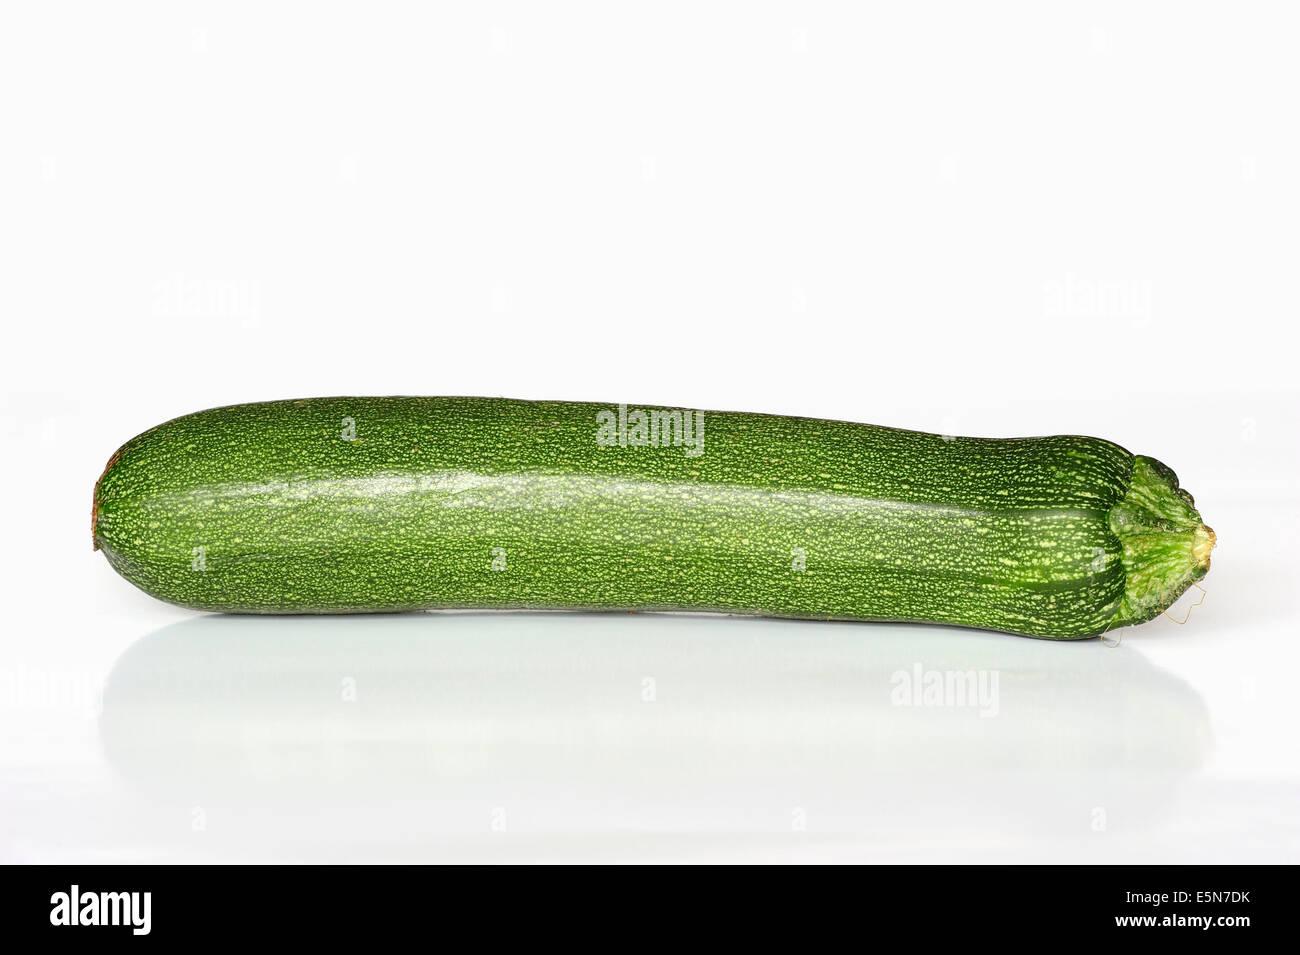 La zucchina (Cucurbita pepo var. giromontiina, Cucurbita pepo ssp. pepo convar giromontiina) Immagini Stock